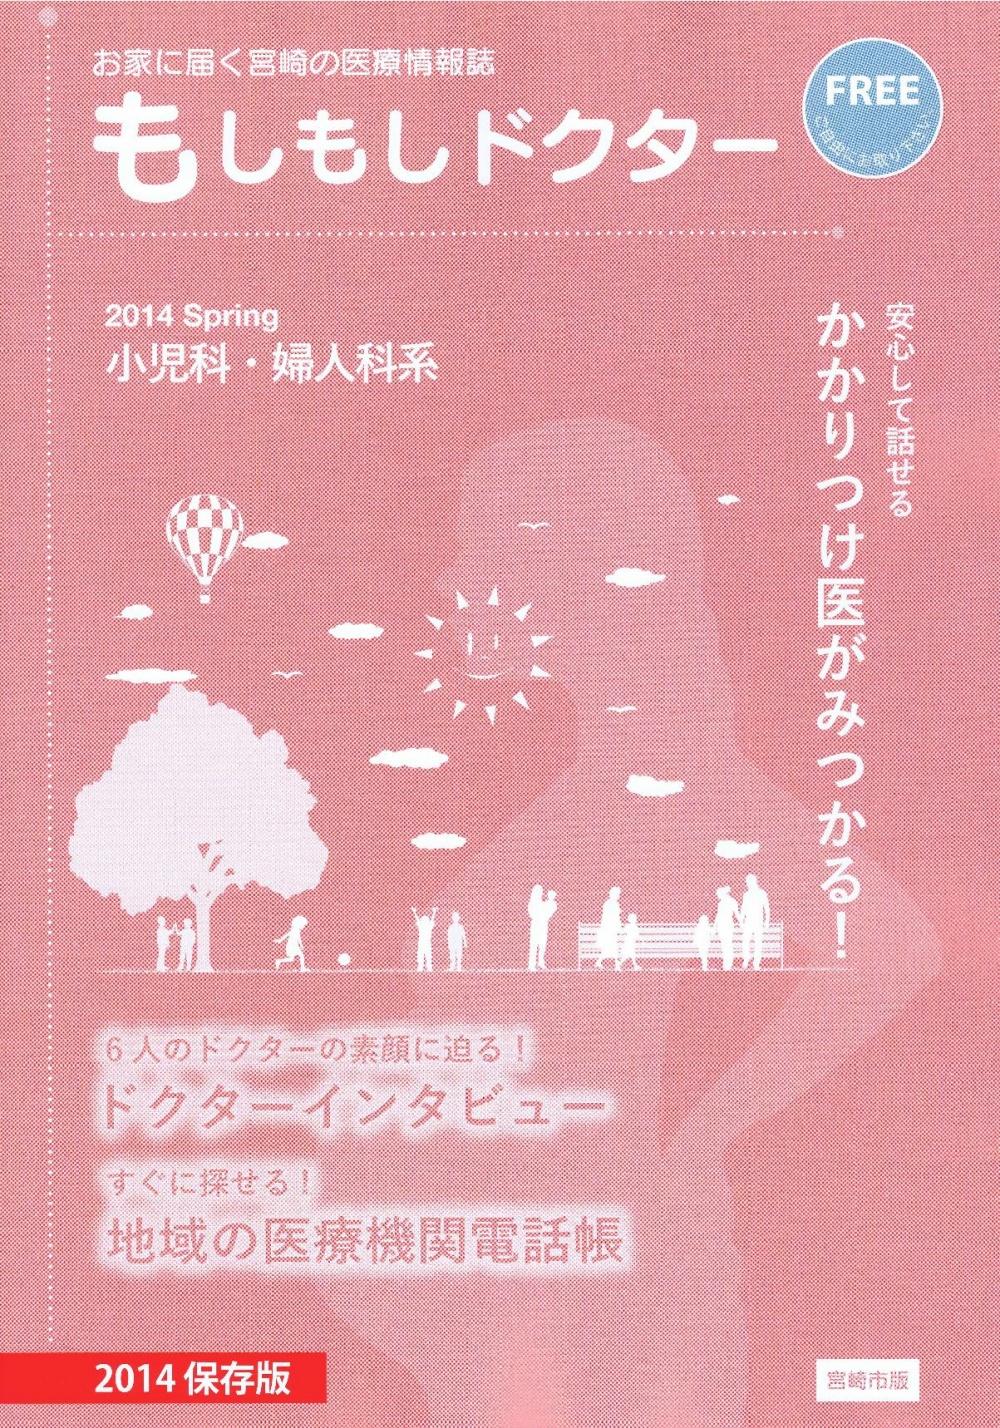 【2014.5.9】『みやビズ』5月9日掲載分に弊社SUNAO製薬が取のイメージ画像